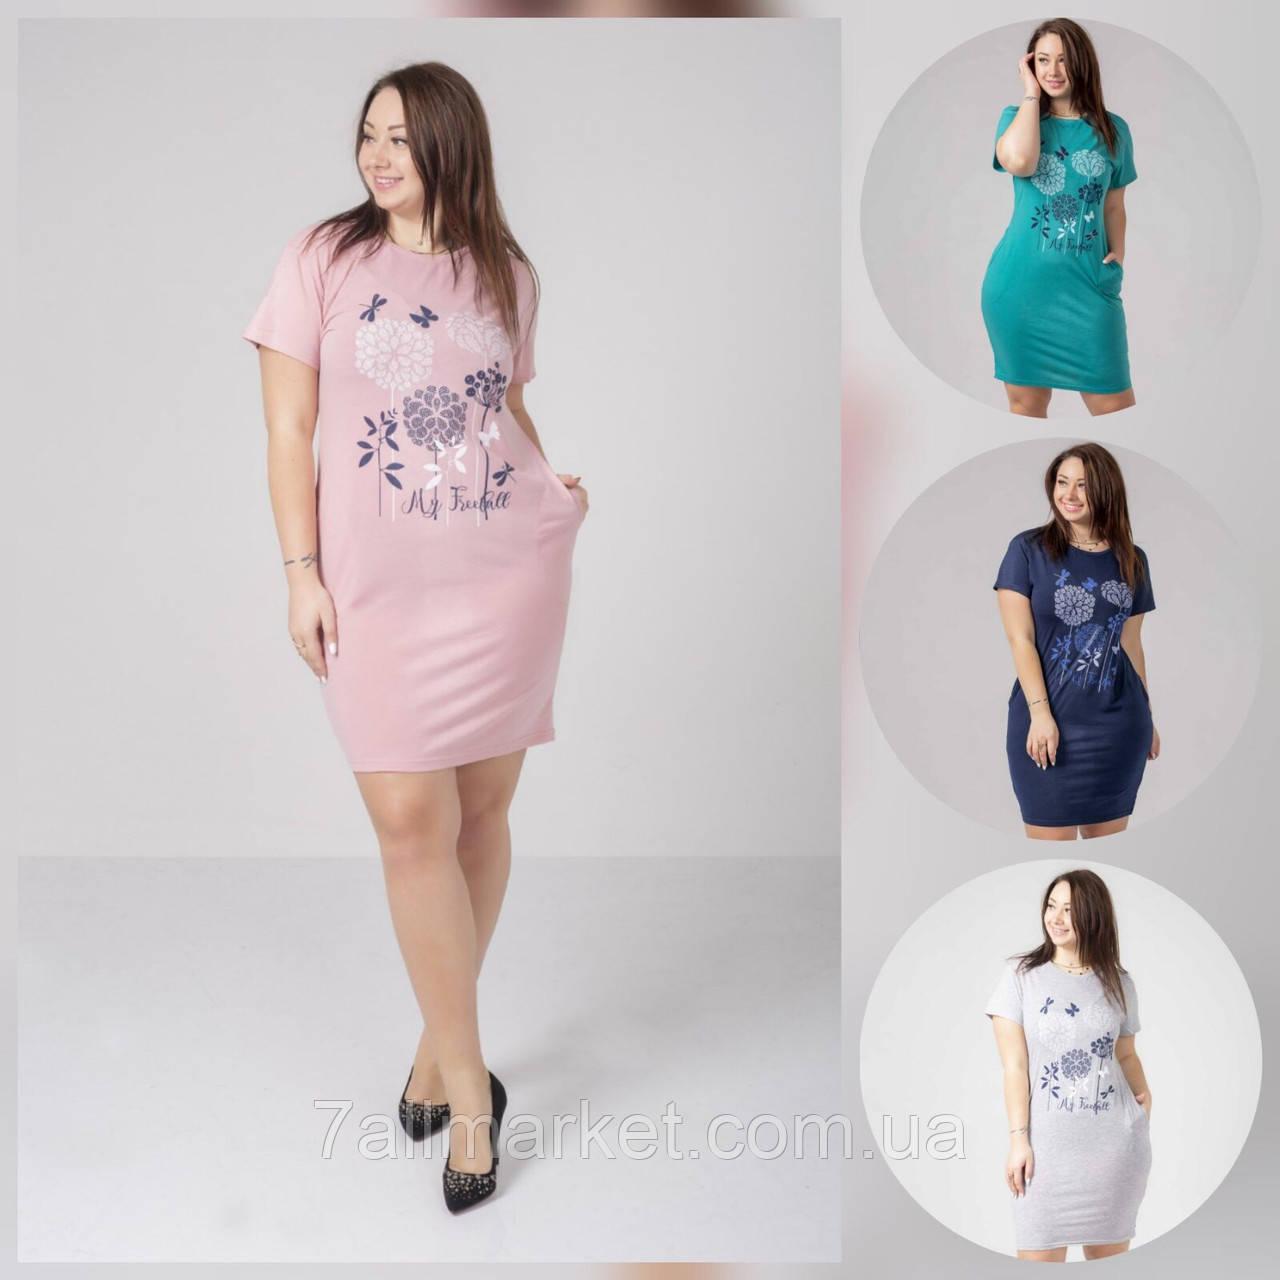 """Платье женское полубатальное в цветами, размеры 52-56 (4цв) """"QUEEN"""" купить недорого от прямого поставщика"""